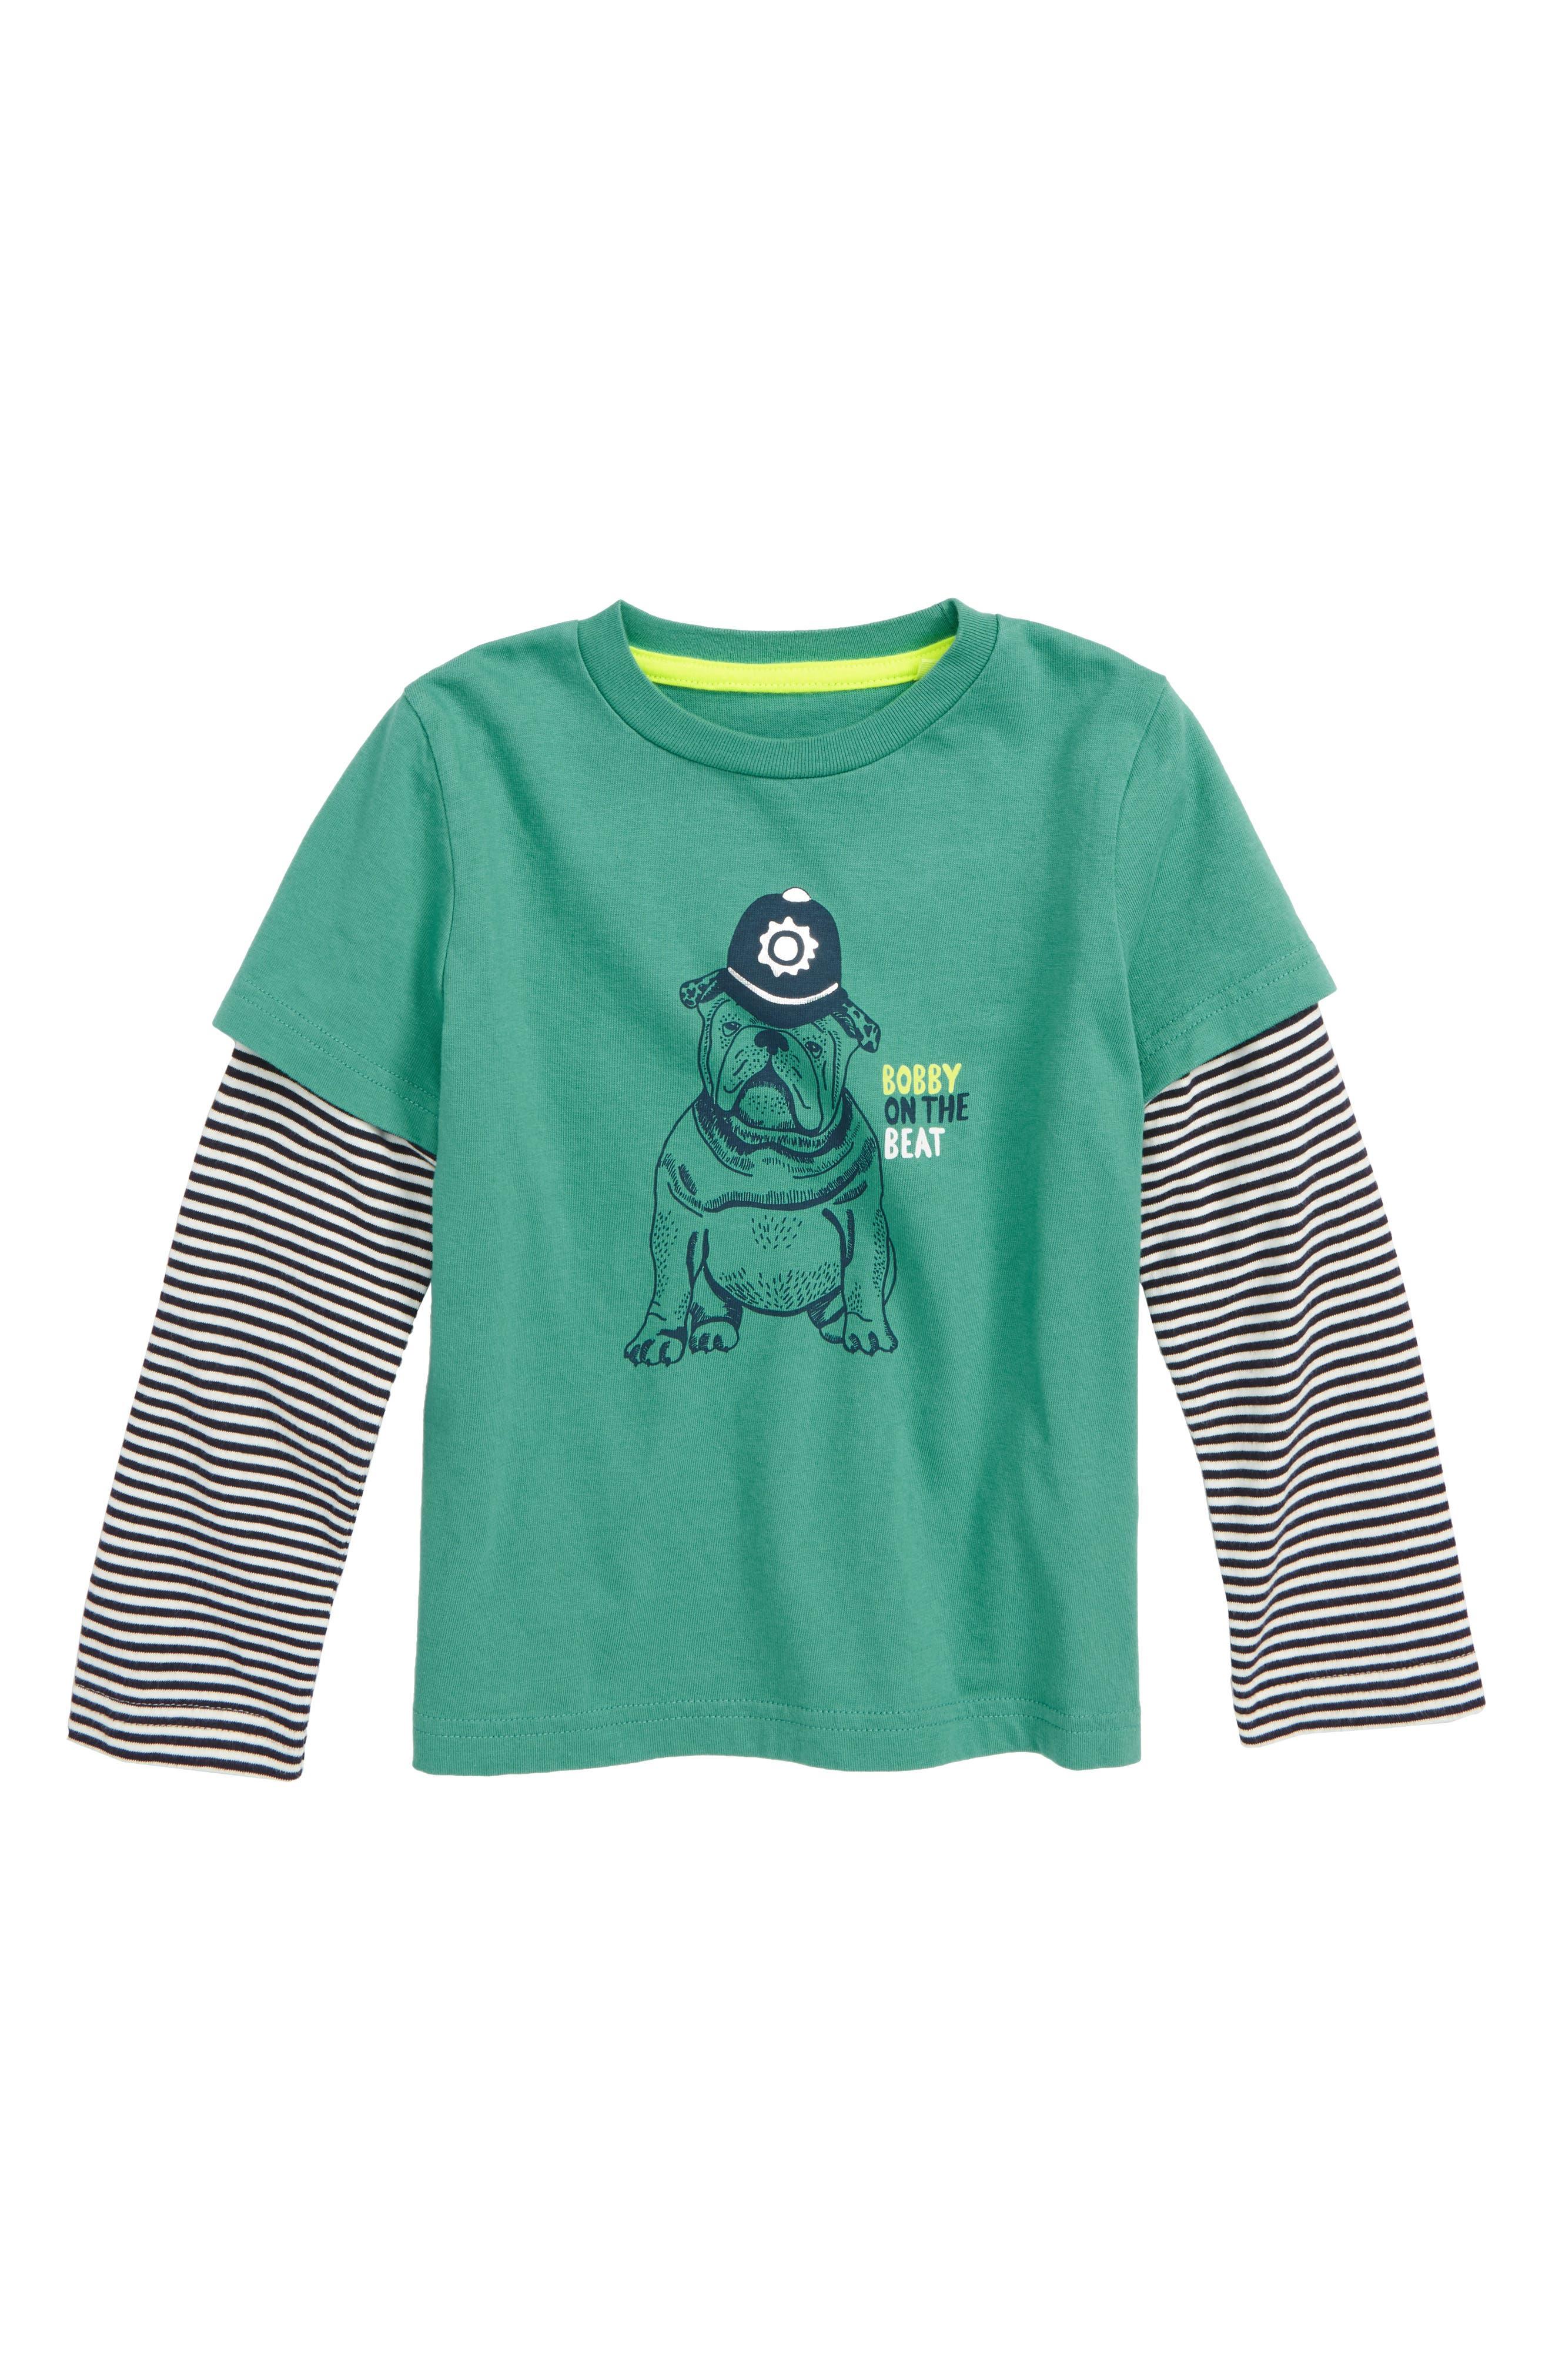 British Bulldog Layer T-Shirt,                             Main thumbnail 1, color,                             JUNGLE GREEN